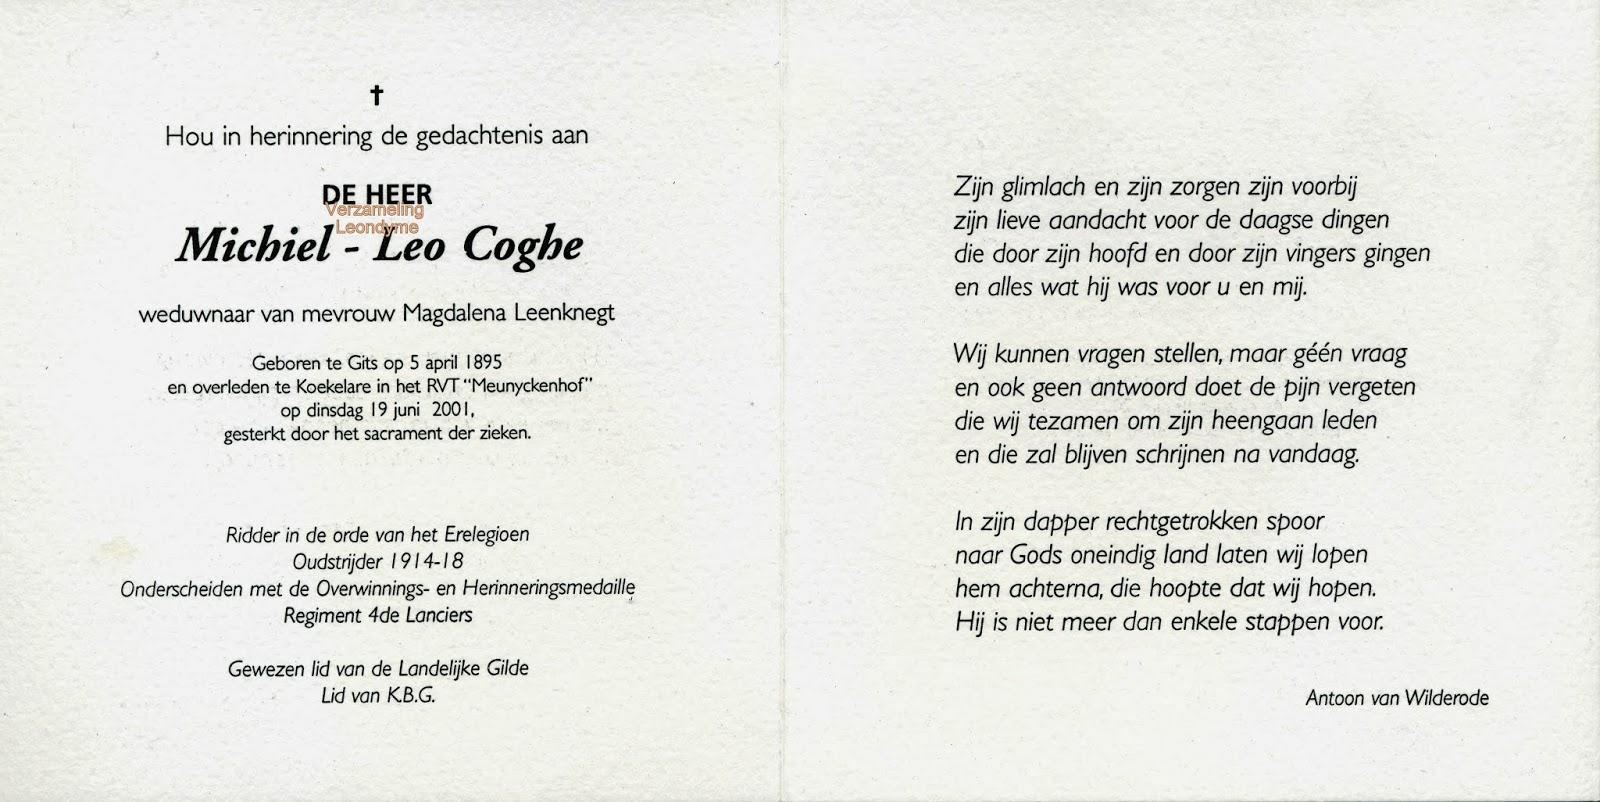 Bidprentje, Michiel-Leo Coghe. Verzameling Leondyme